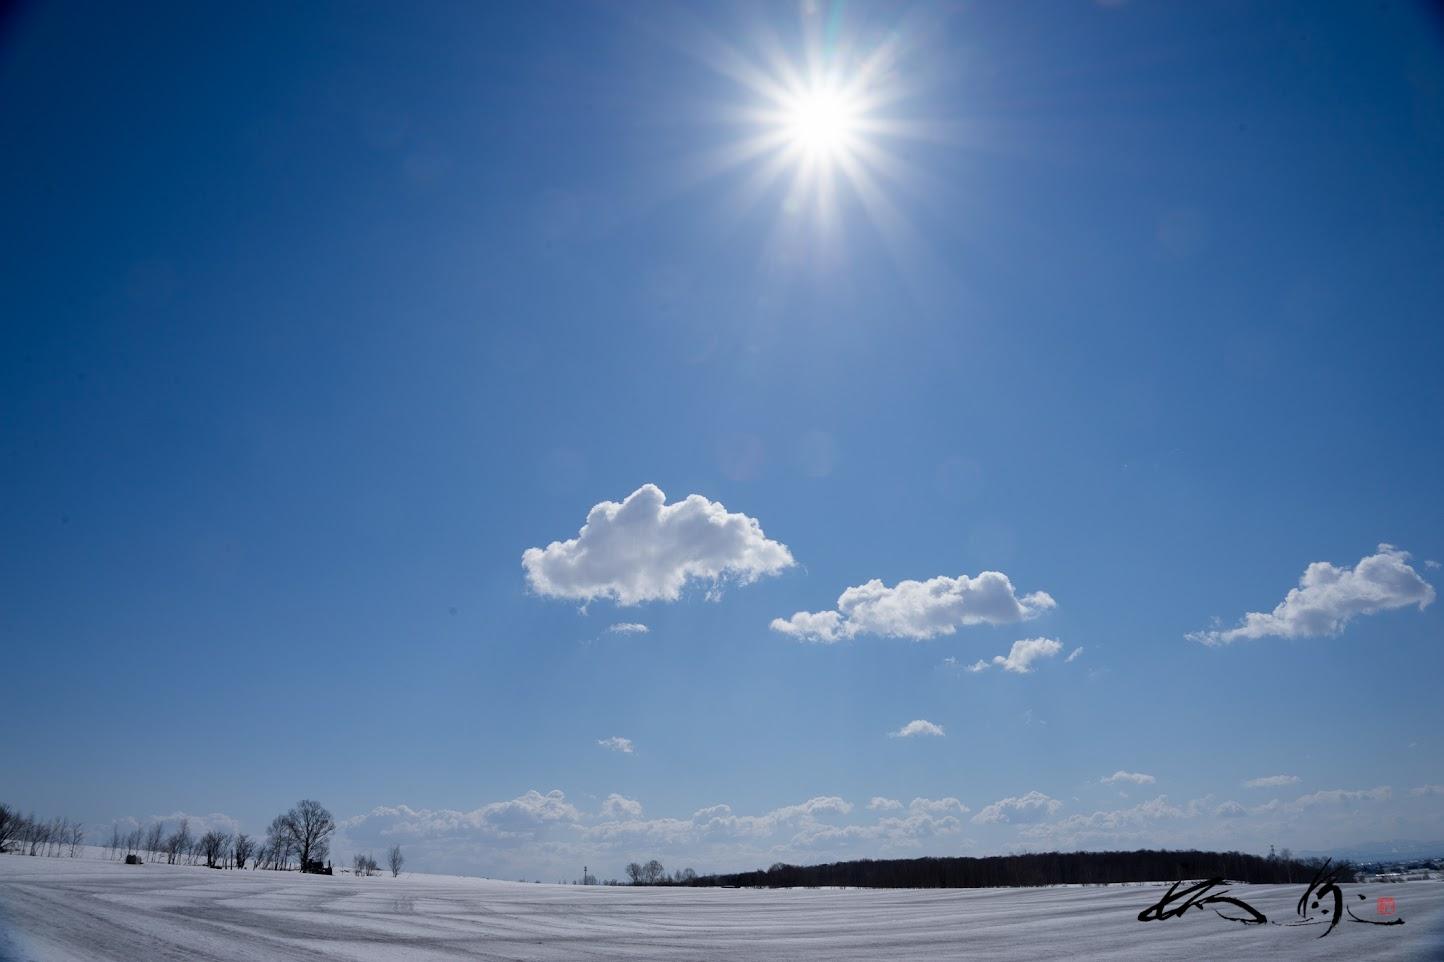 青い空にふんわり浮かぶ白い雲